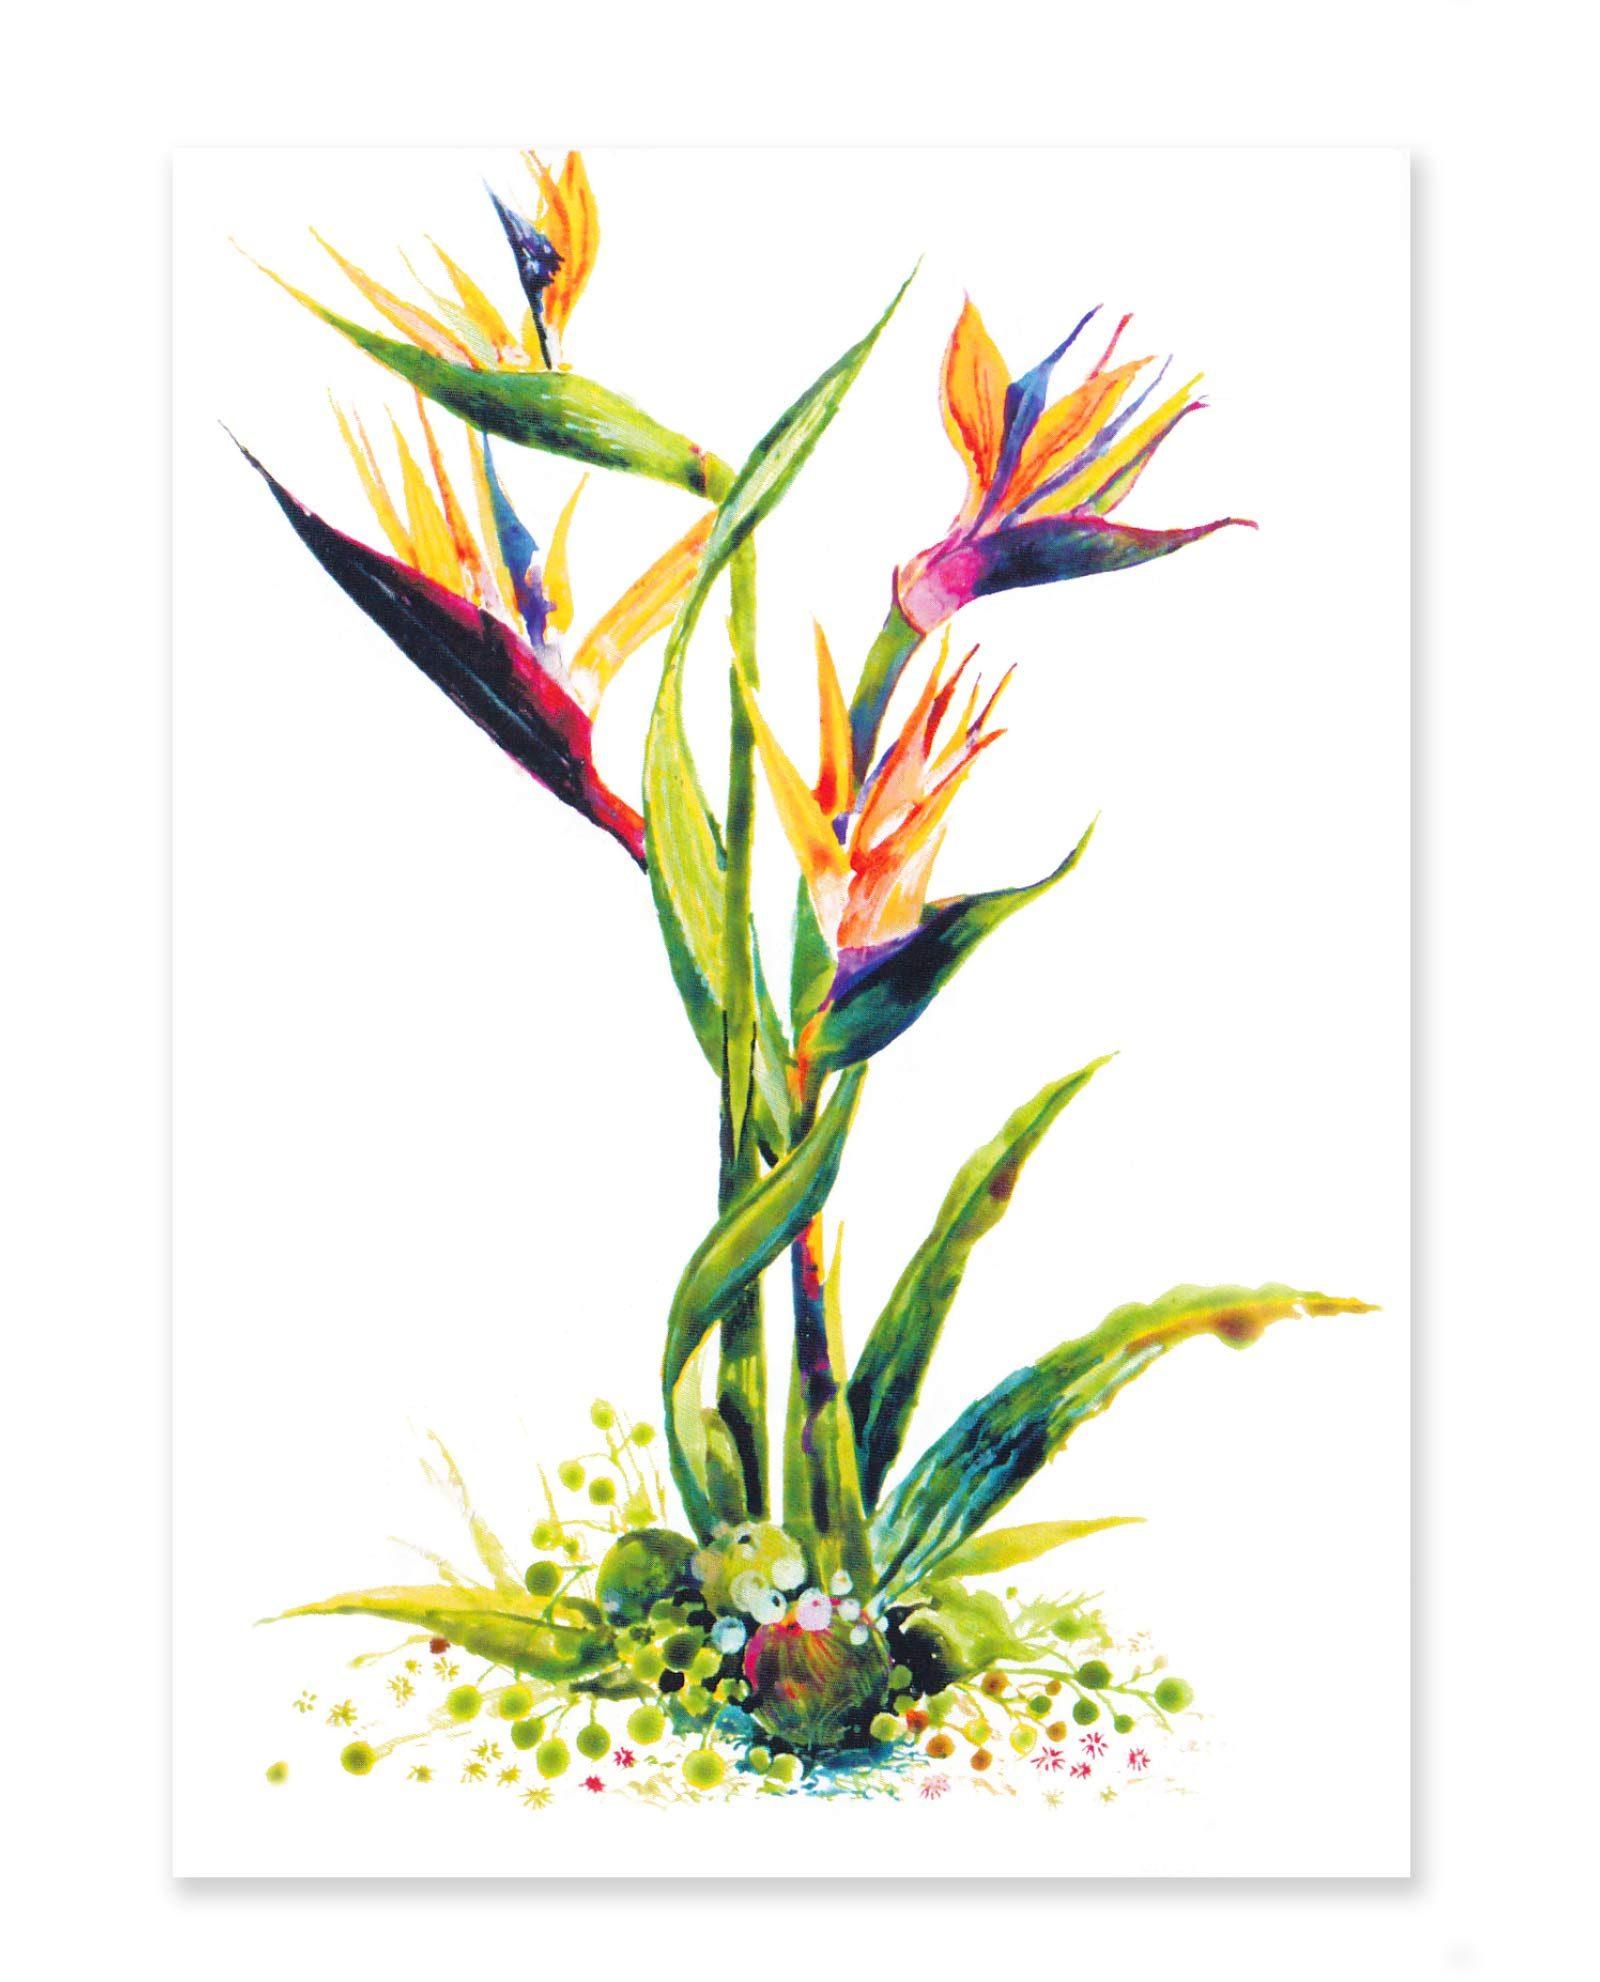 Vykort Ashish - gratulationskort, hälsning, handmålat, indiskt konstnär